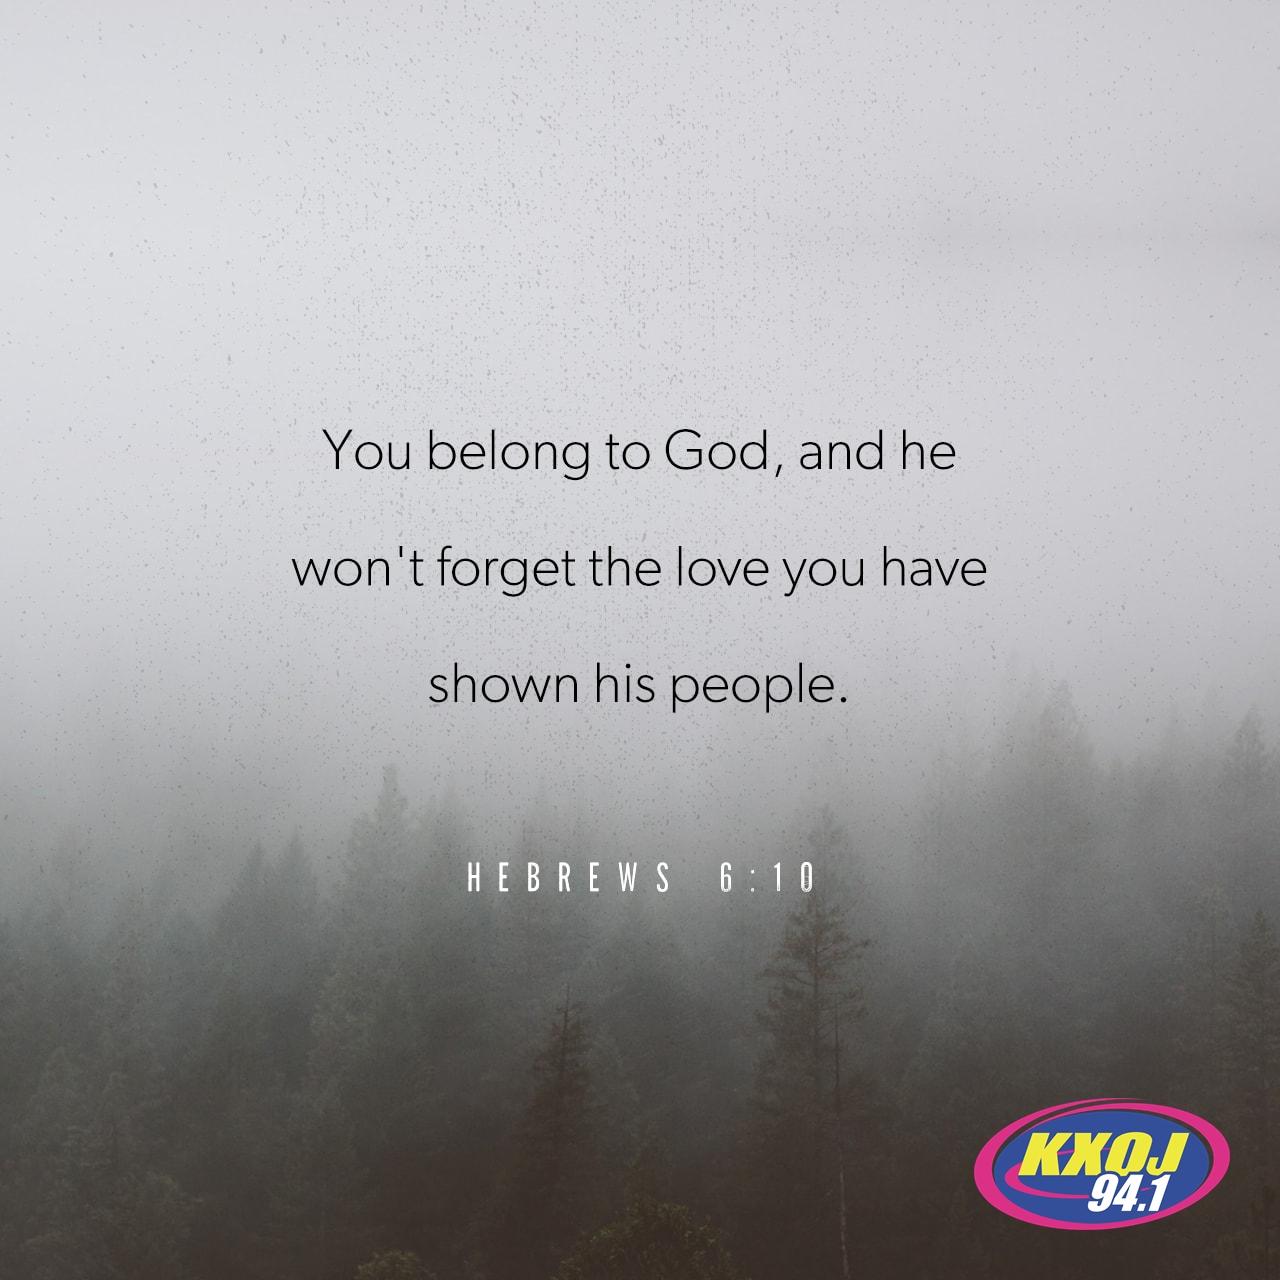 September 21st - Hebrews 6:10